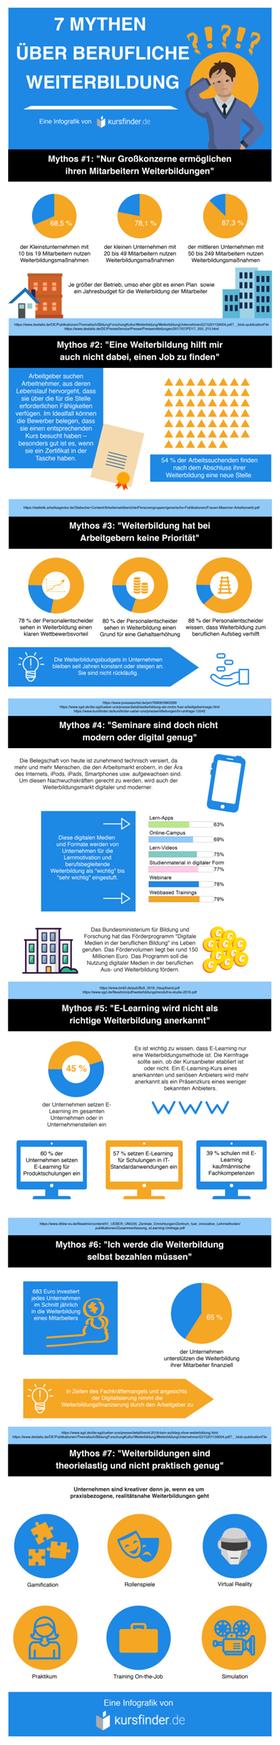 Bild Infografik Weiterbildungsmythen